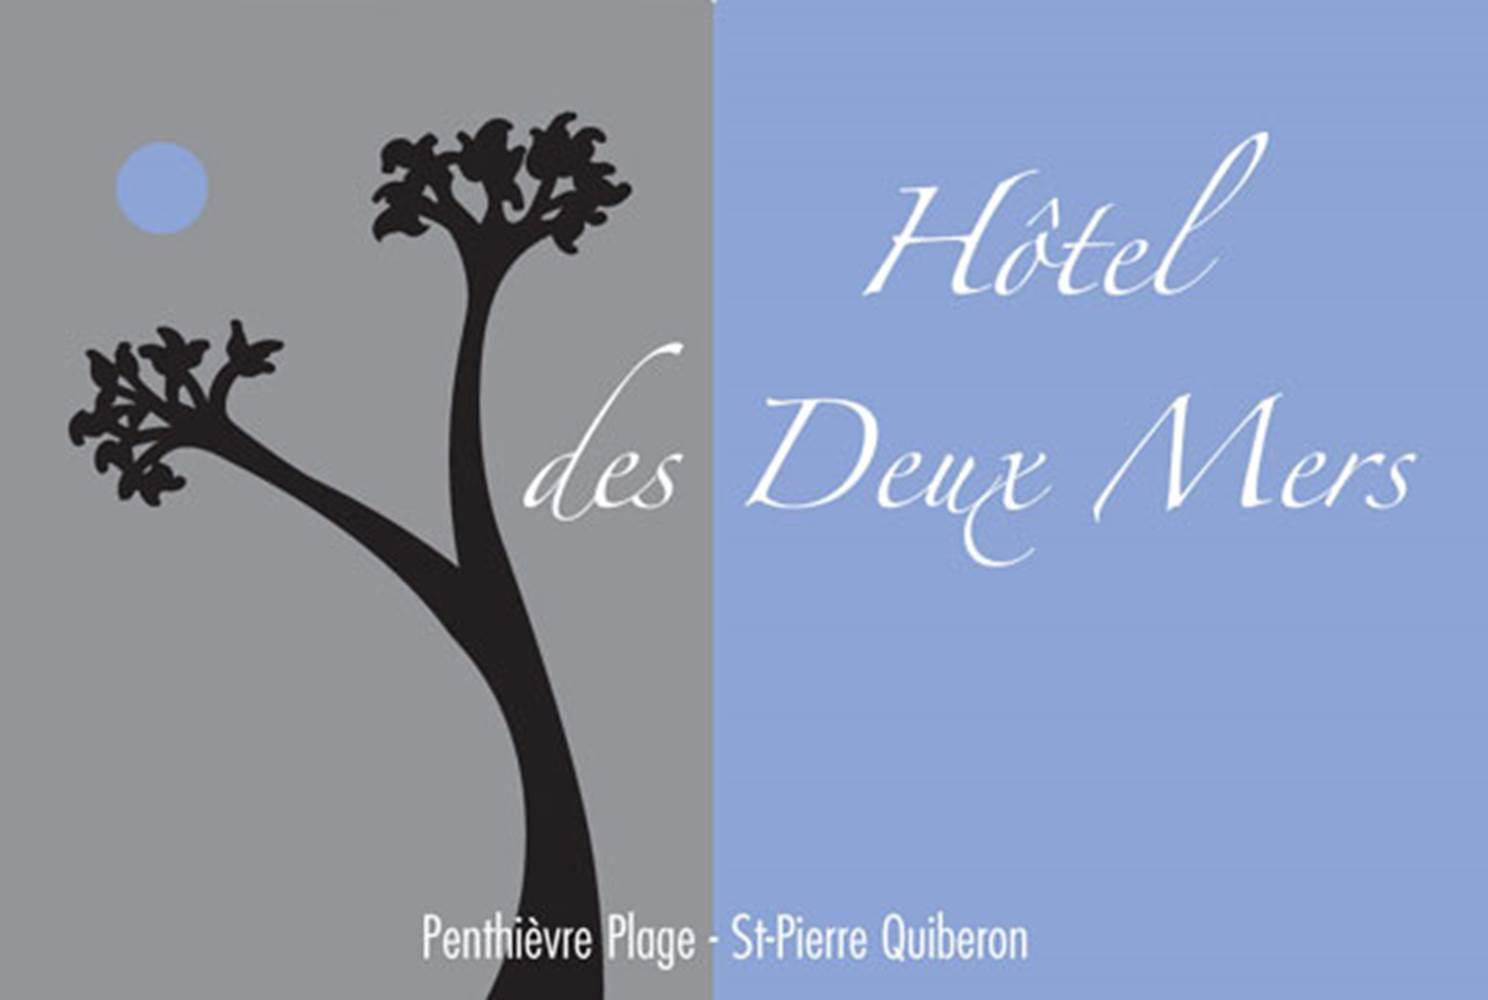 Hotel-Deux-Mers-Quiberon-Morbihan-Bretagne-Sud © Les deux mers